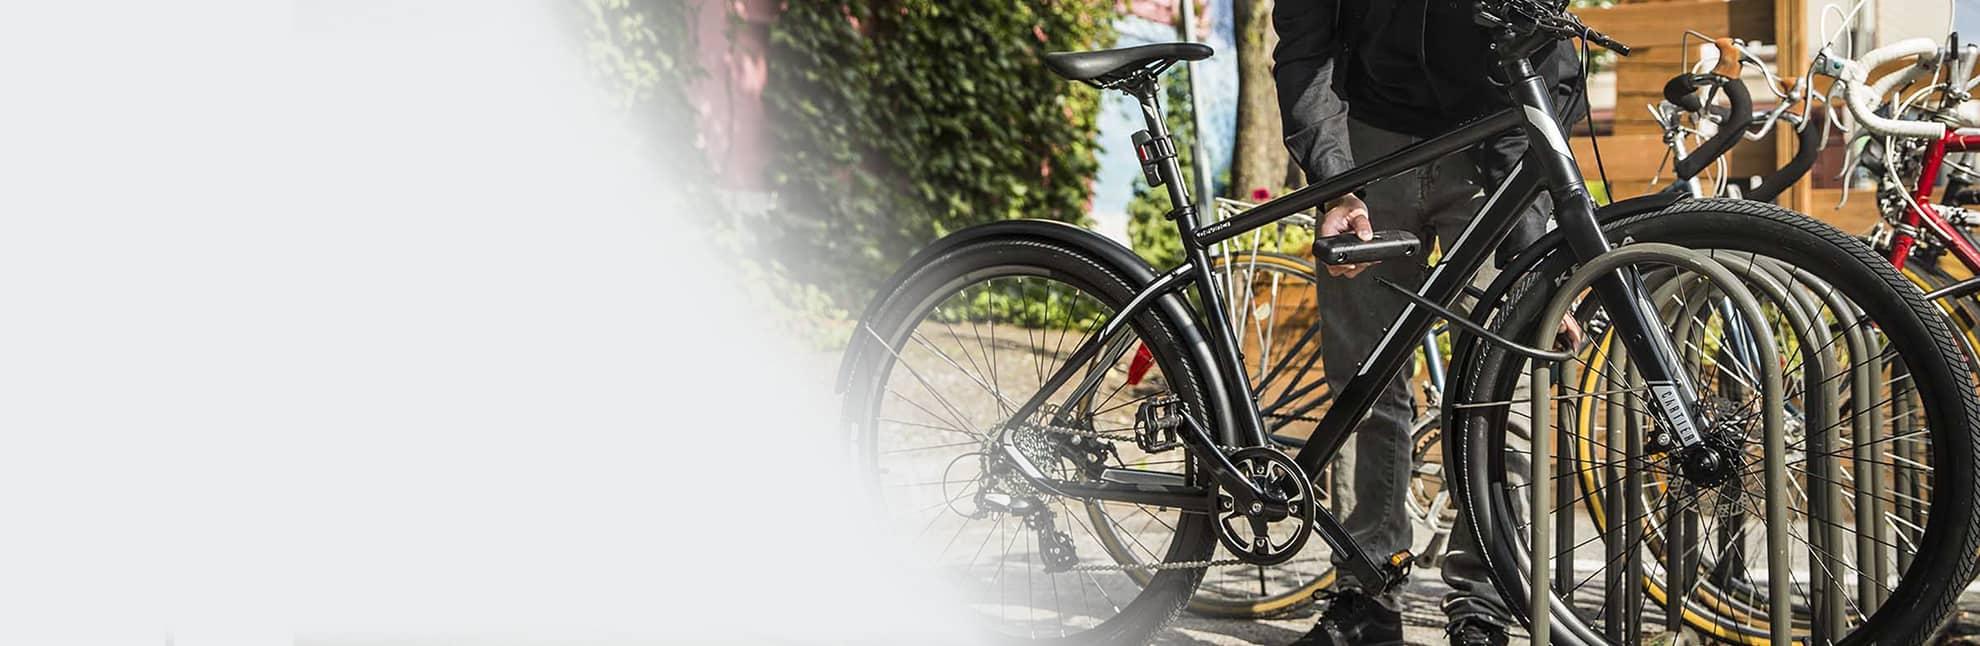 Les essentiels pour le vélo en ville